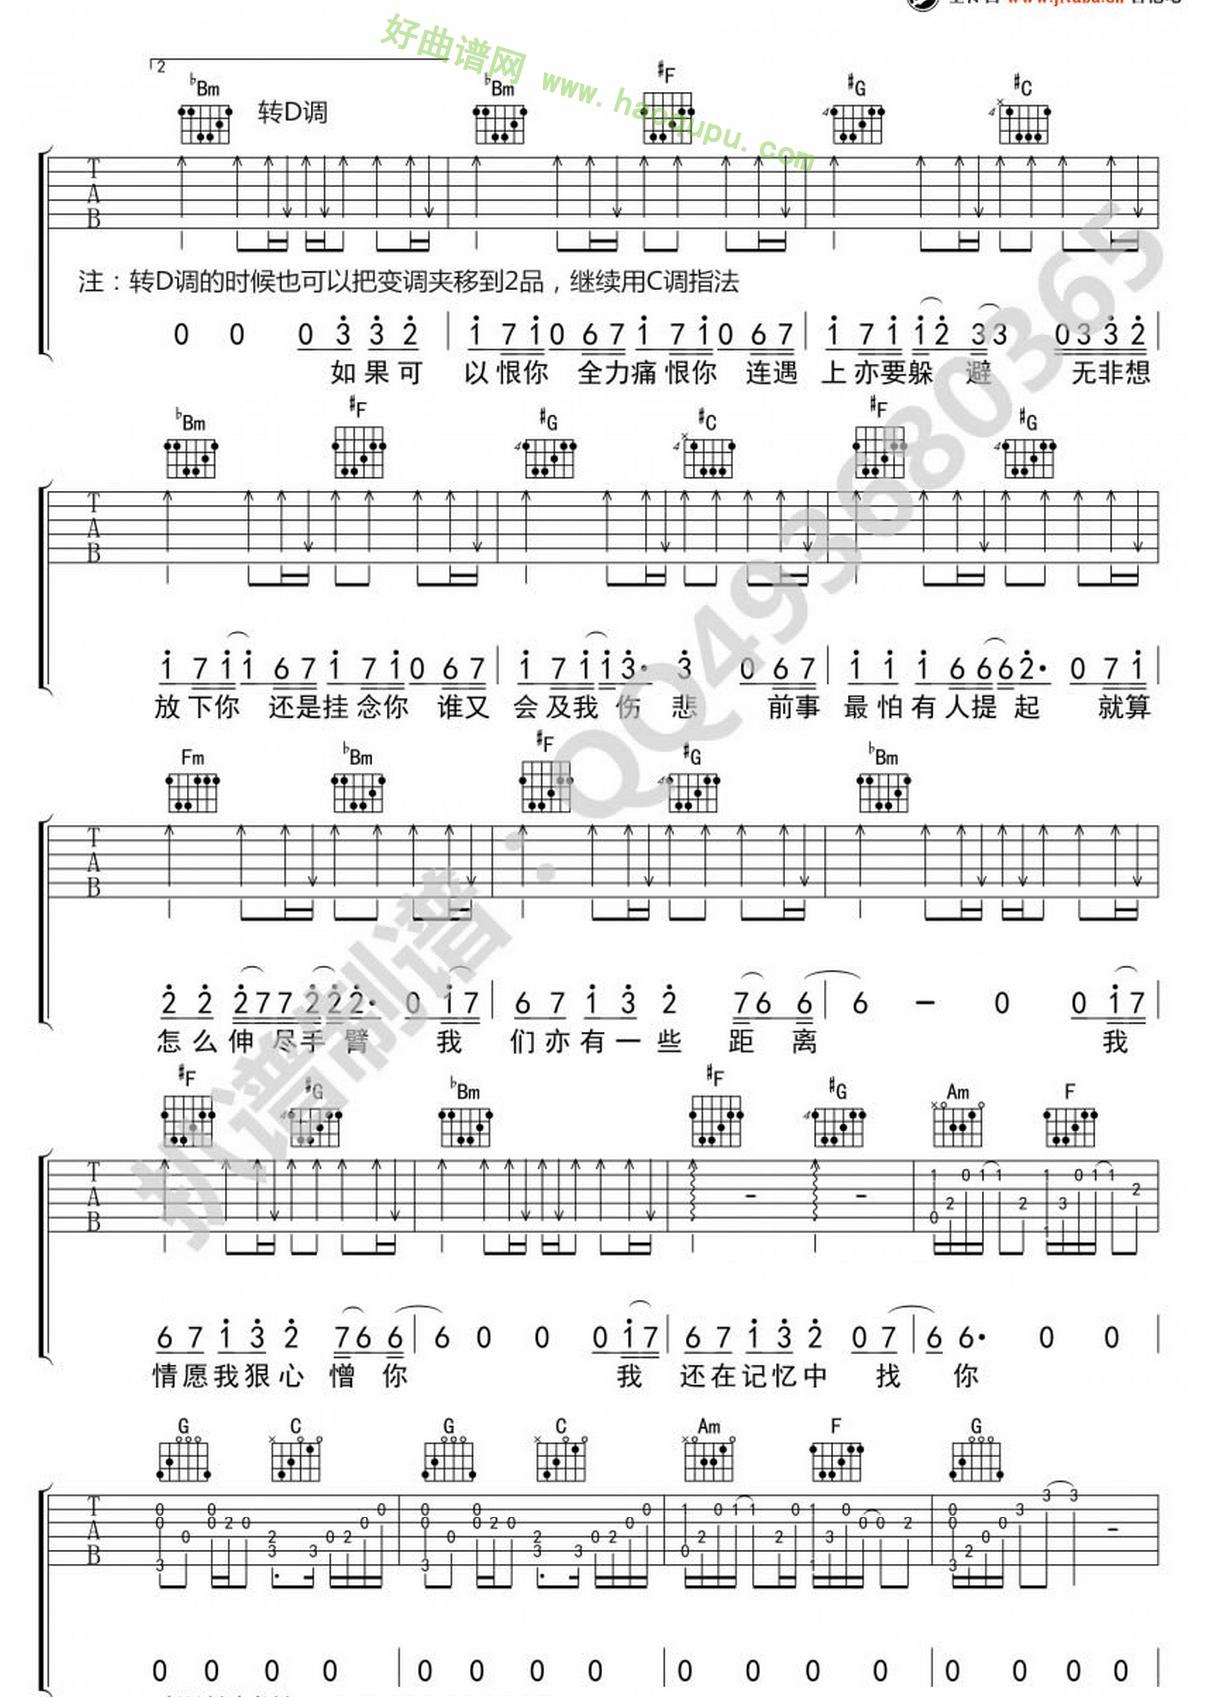 《爱在记忆中找你》(林峰演唱)吉他谱第3张